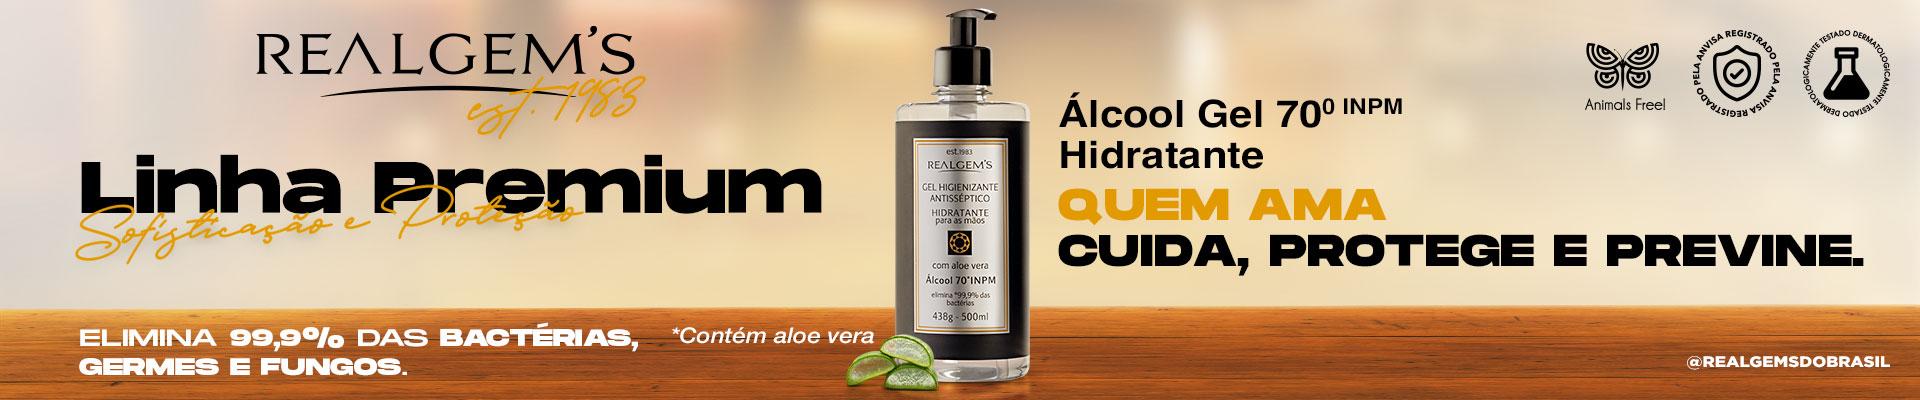 Alcool Gel Premium